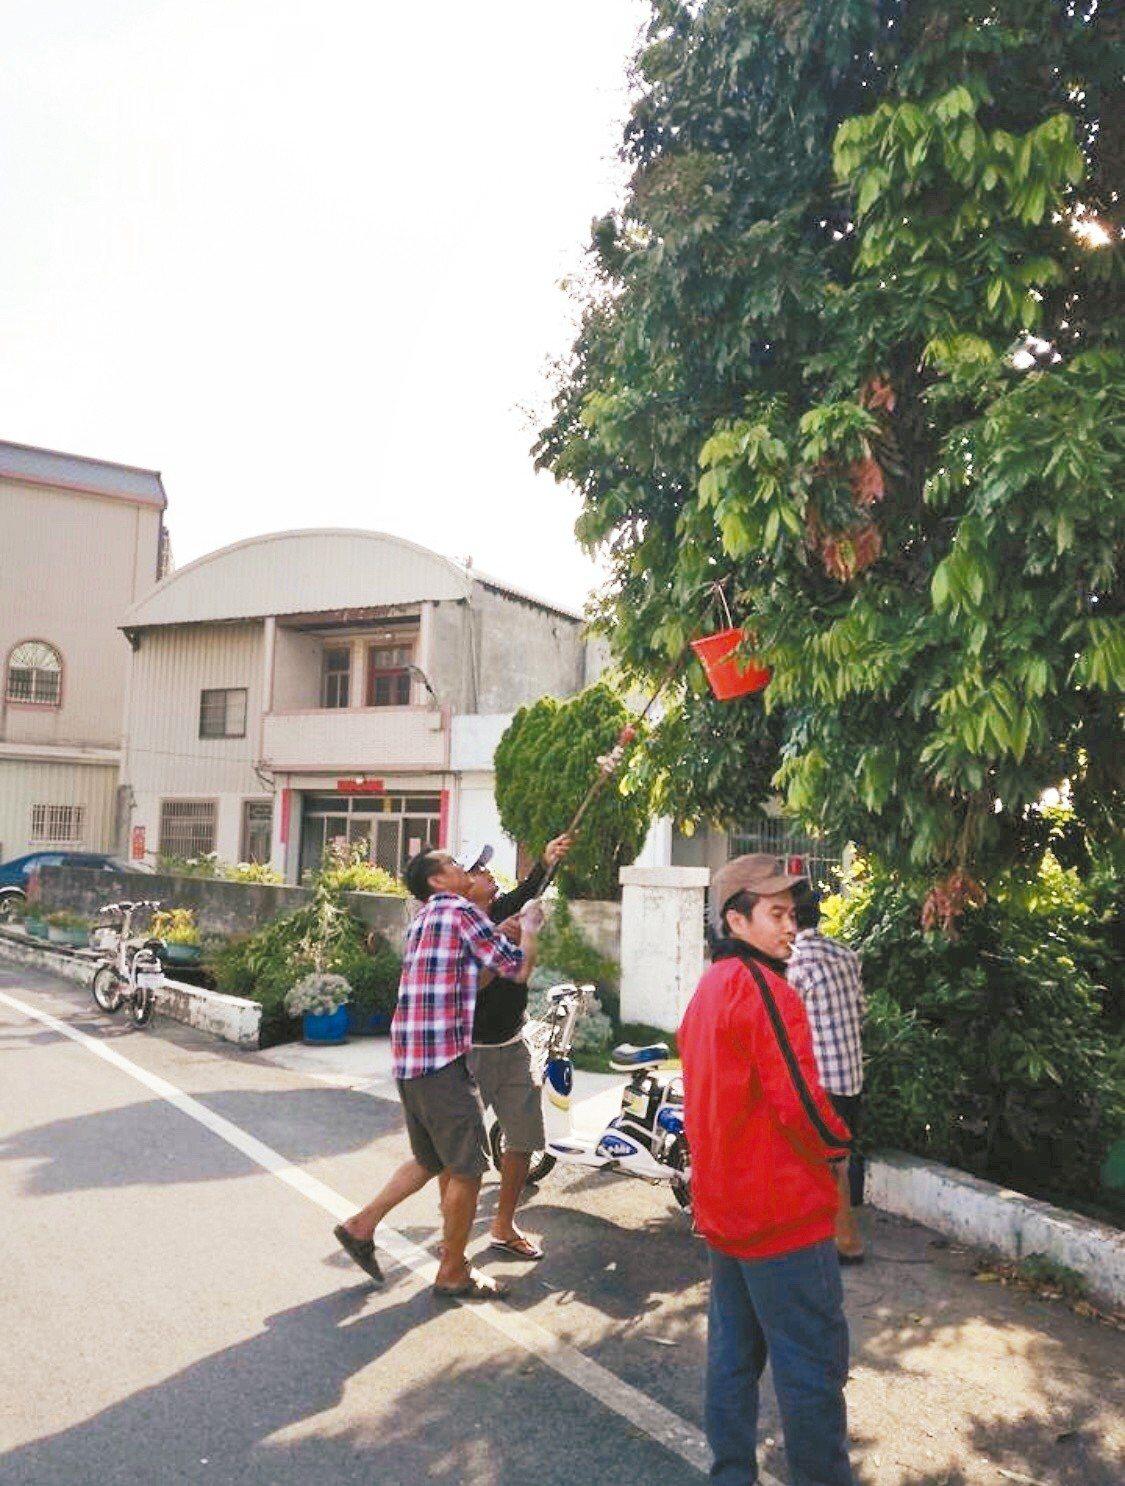 彰化縣和美鎮里長黃合志看到泰國移工在抓荔枝椿象,一問才知荔枝椿象在當地被當成美味...